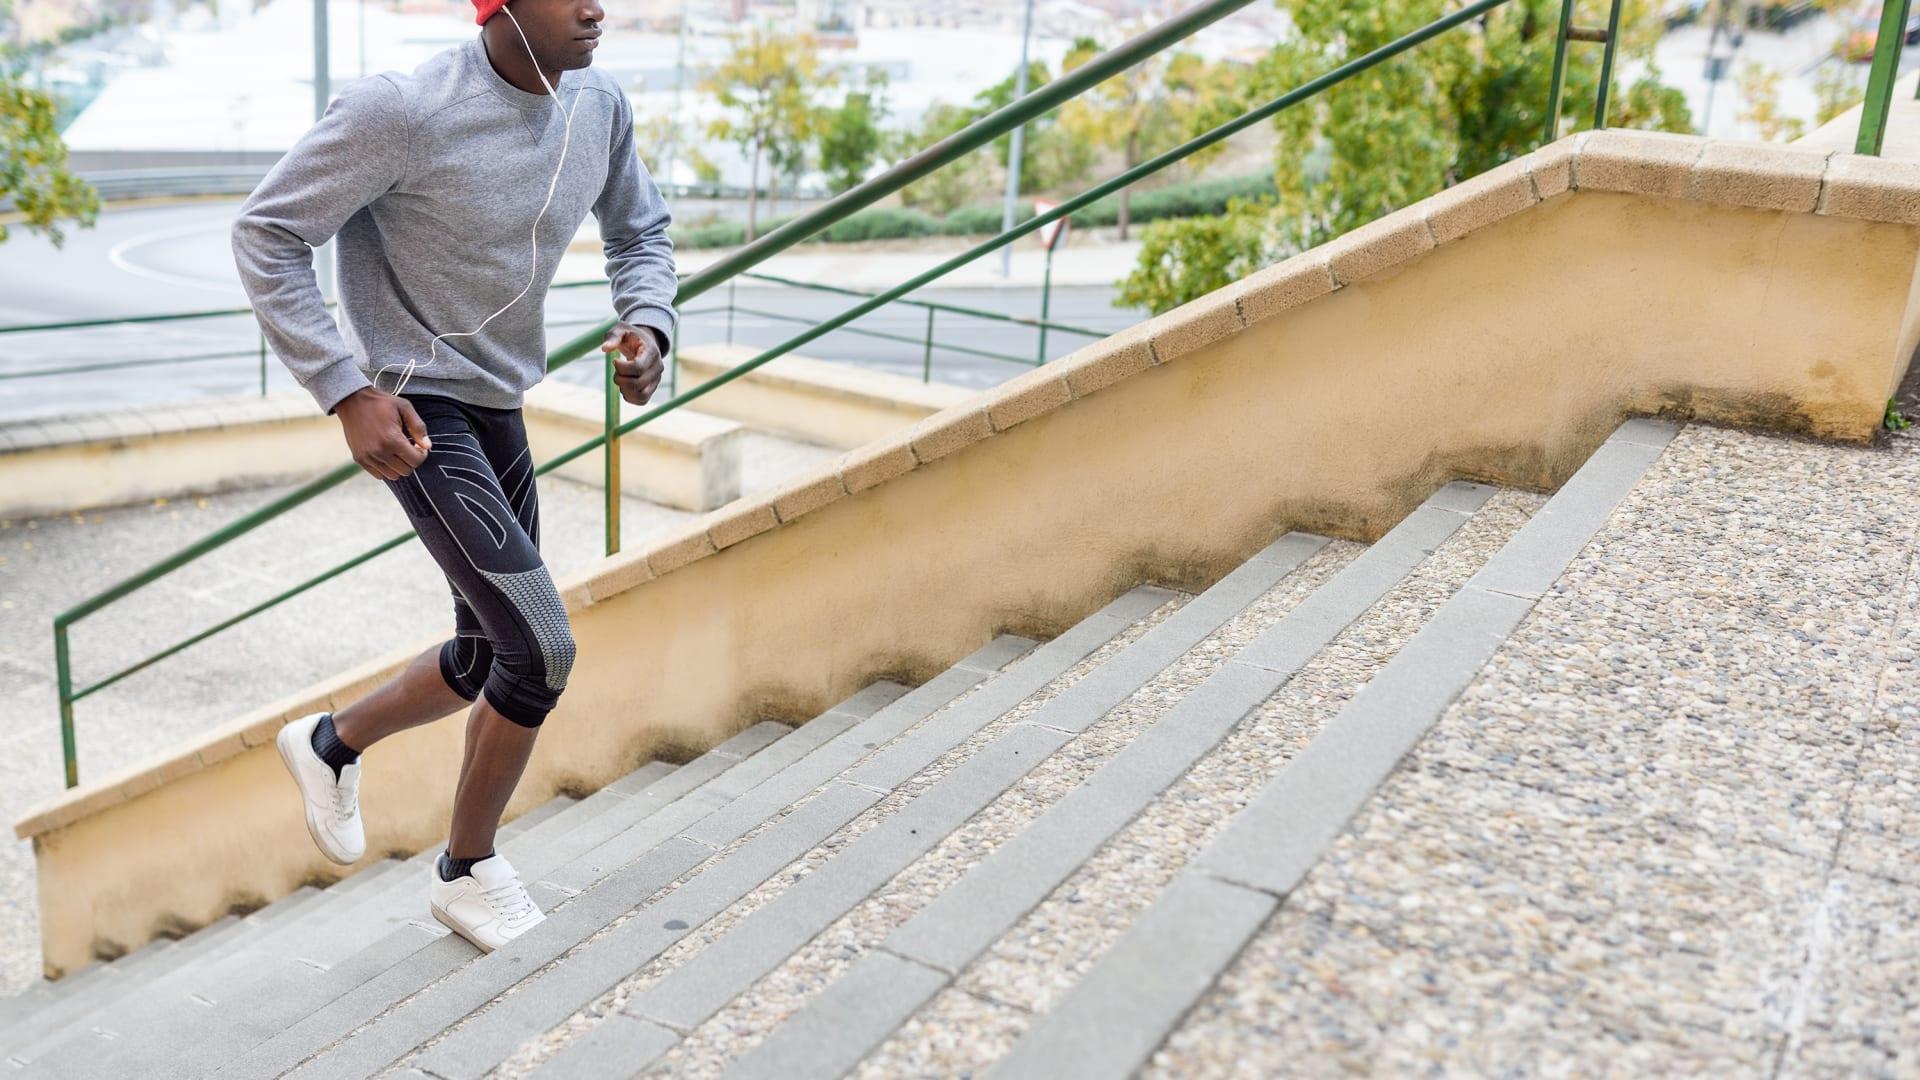 نصائح لمساعدتك على ممارسة الرياضة في خضم جائحة فيروس كورونا